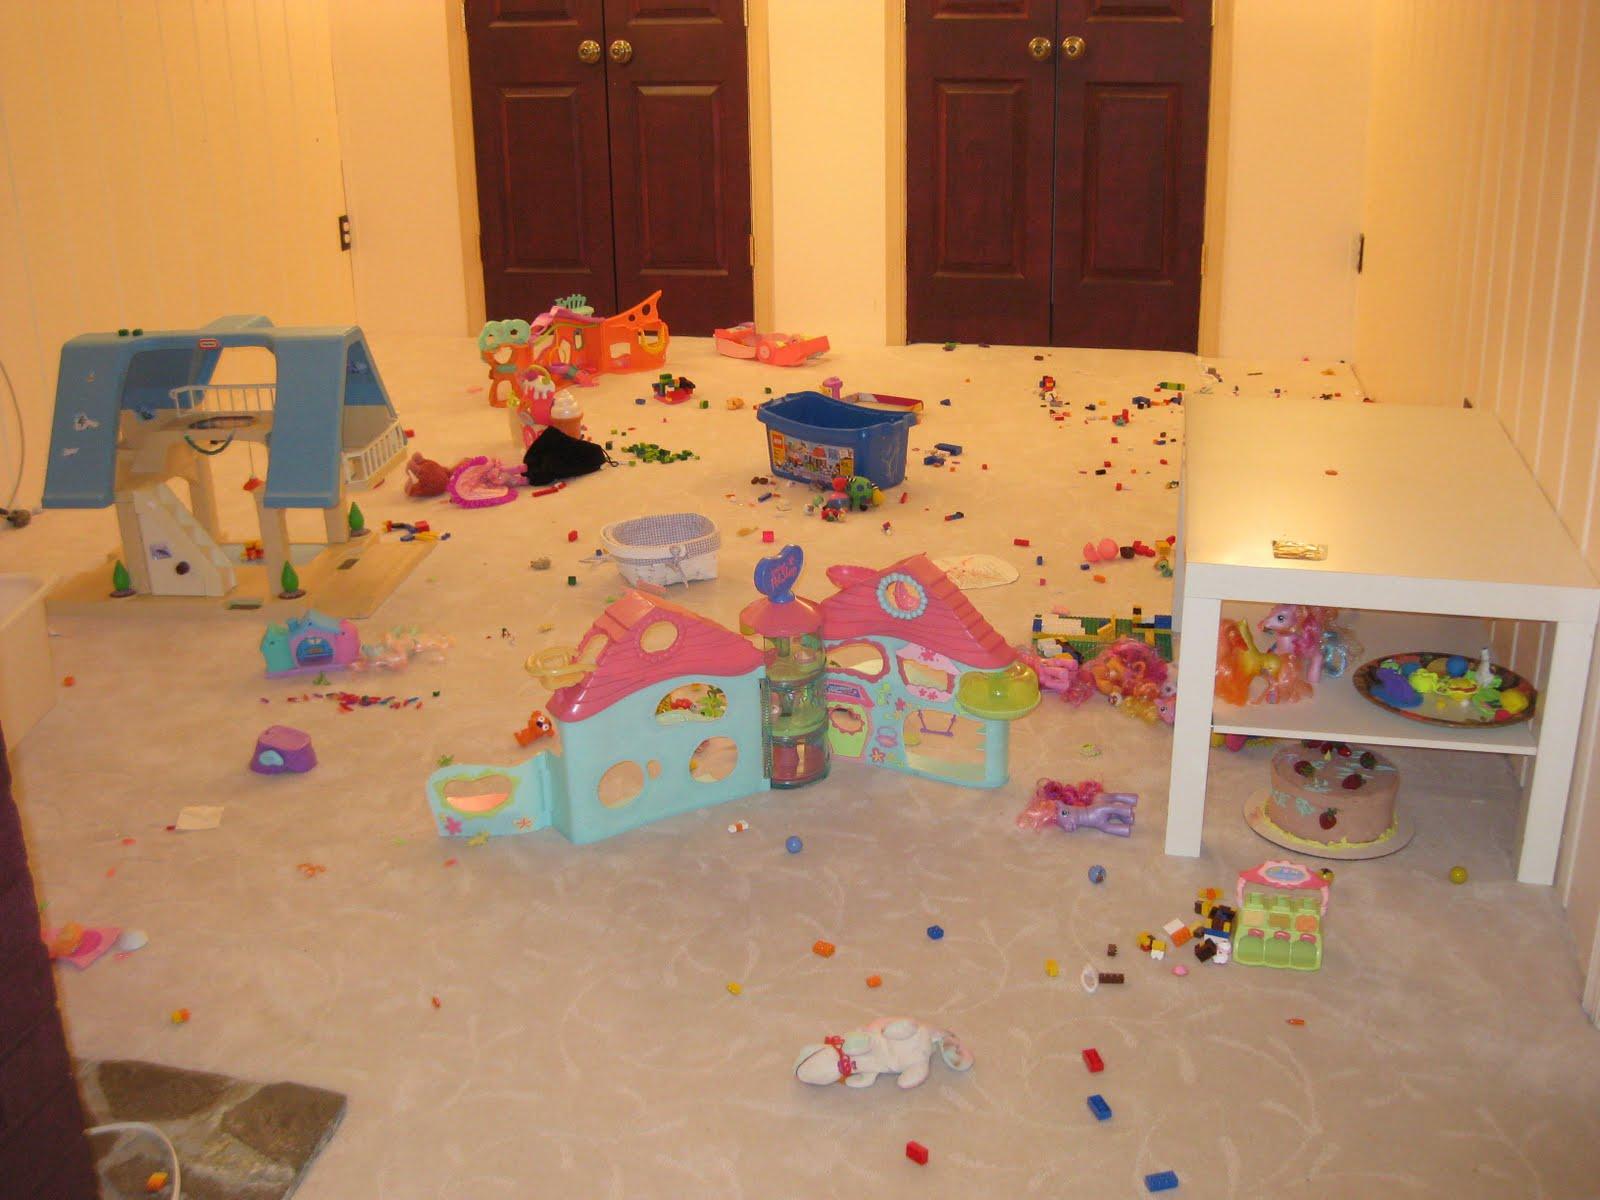 Geek Girl Bedroom Empty basement bedroom Geek Girl Bedroom